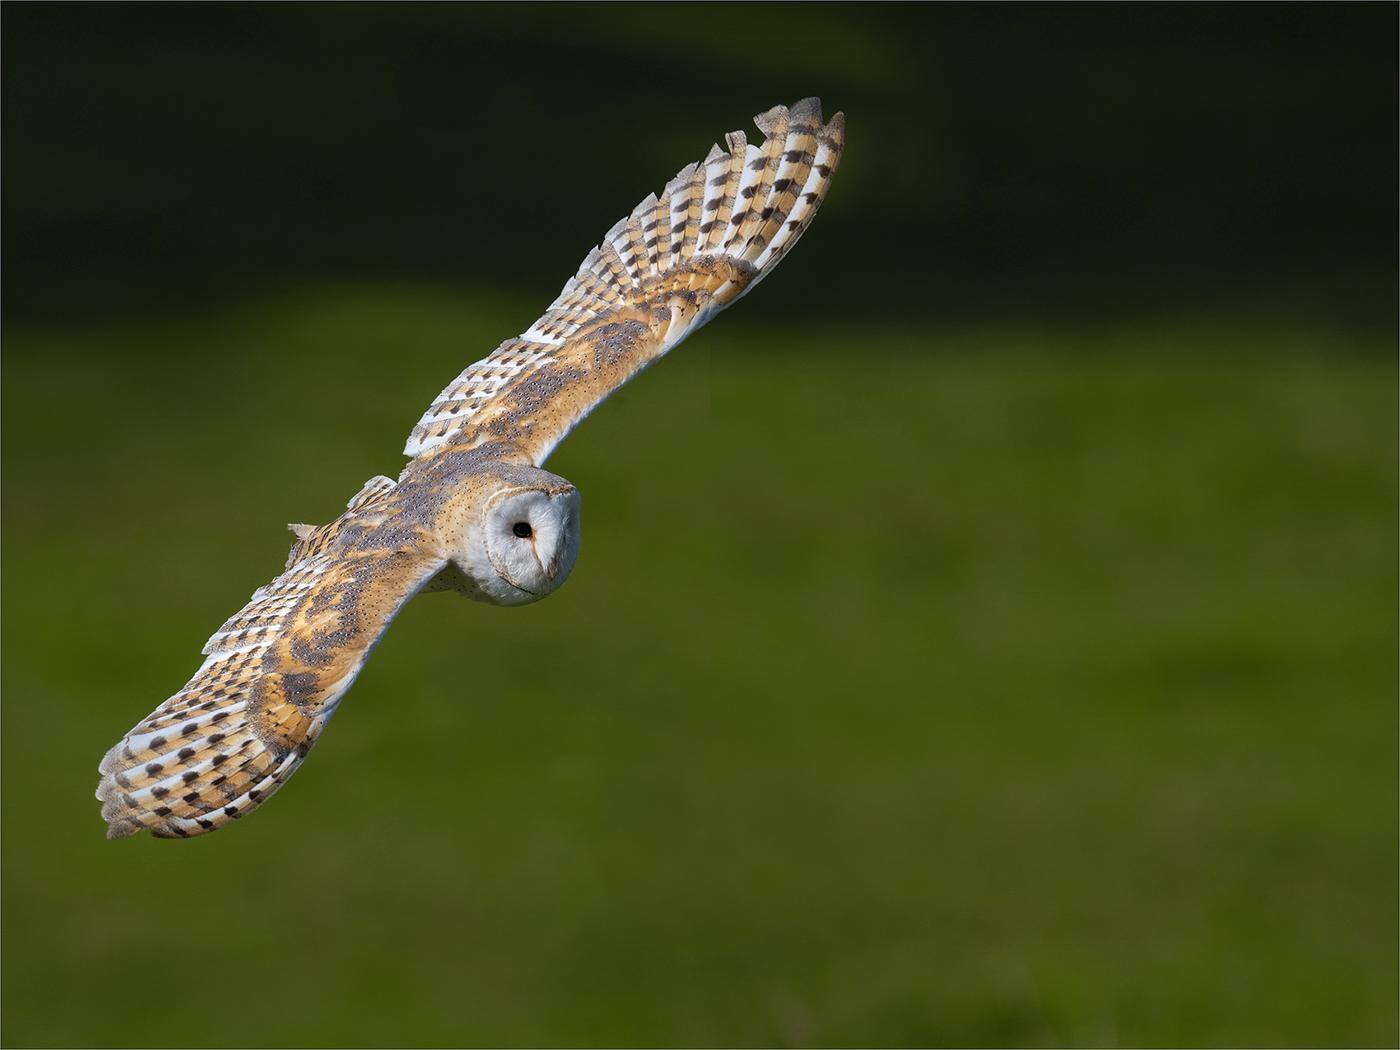 Highly Commended: Barn Owl (Michael Bull)